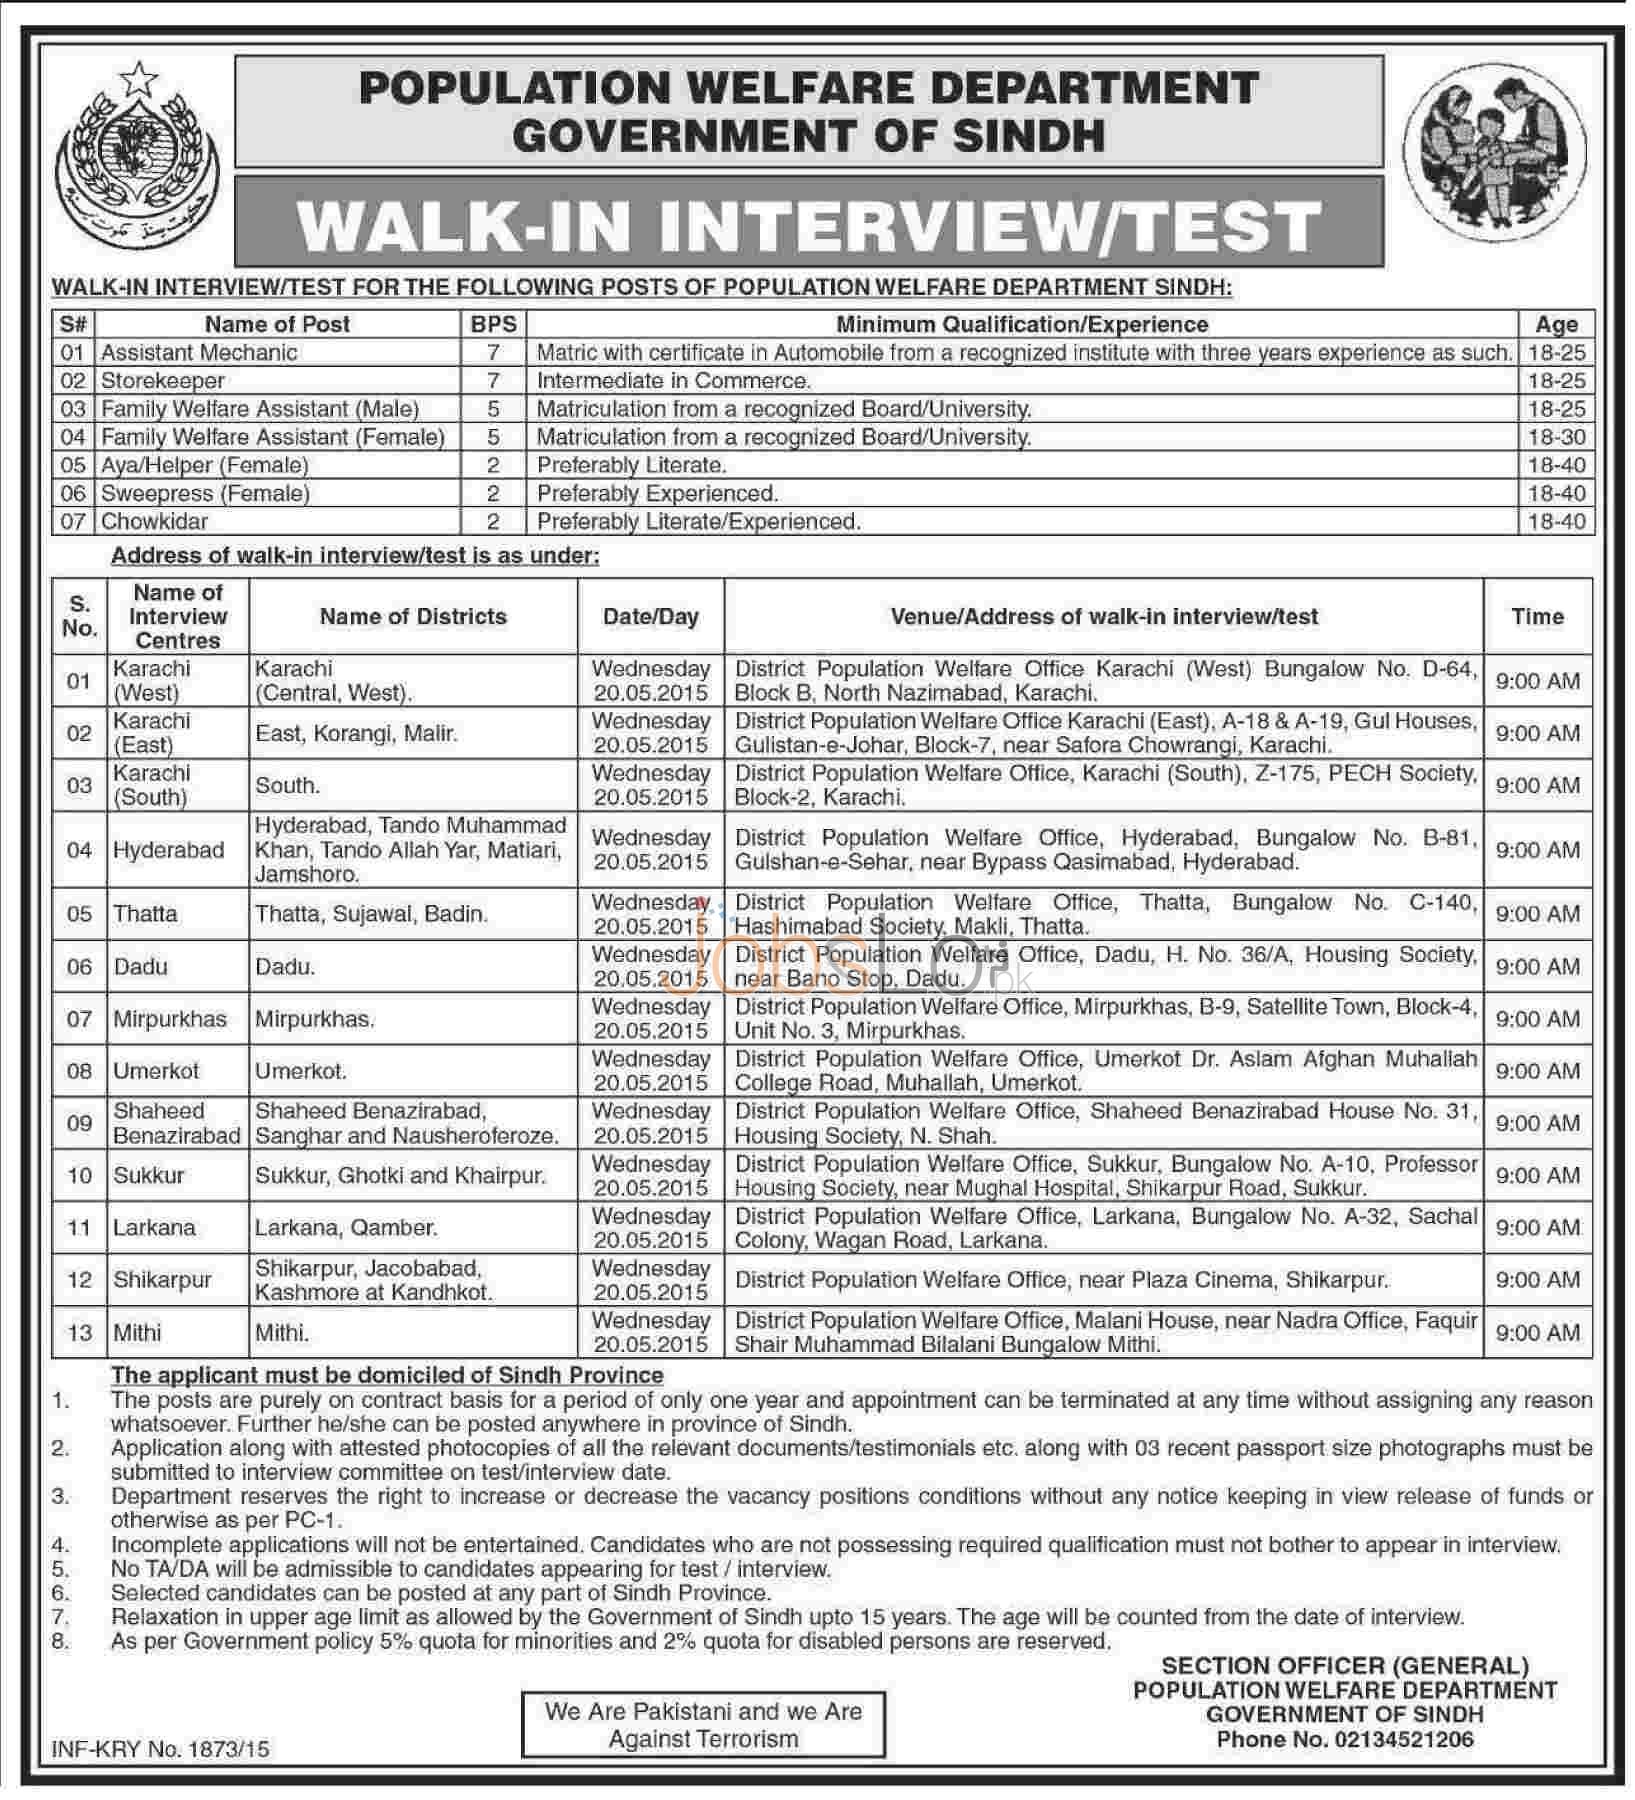 Population Welfare Department Sindh Jobs 2015 Walk-In Interview & Test